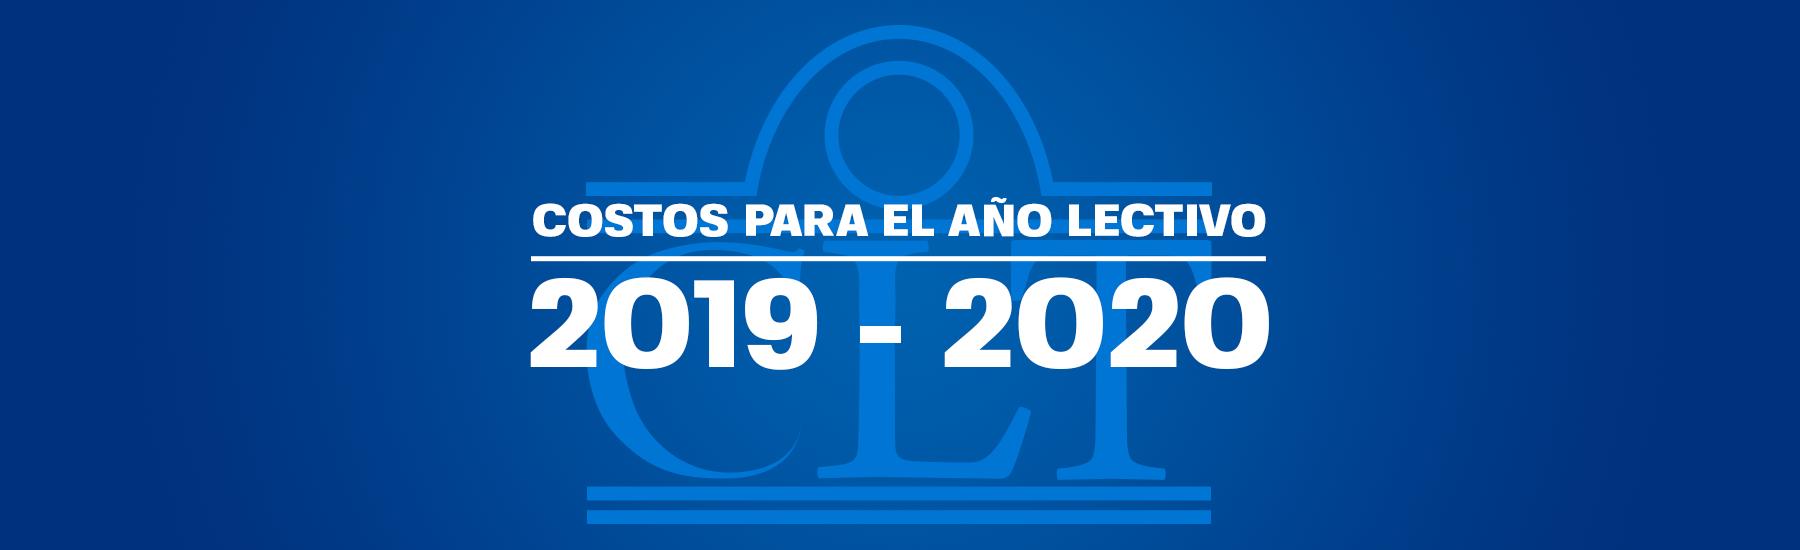 Costos para el año lectivo 2019-2020